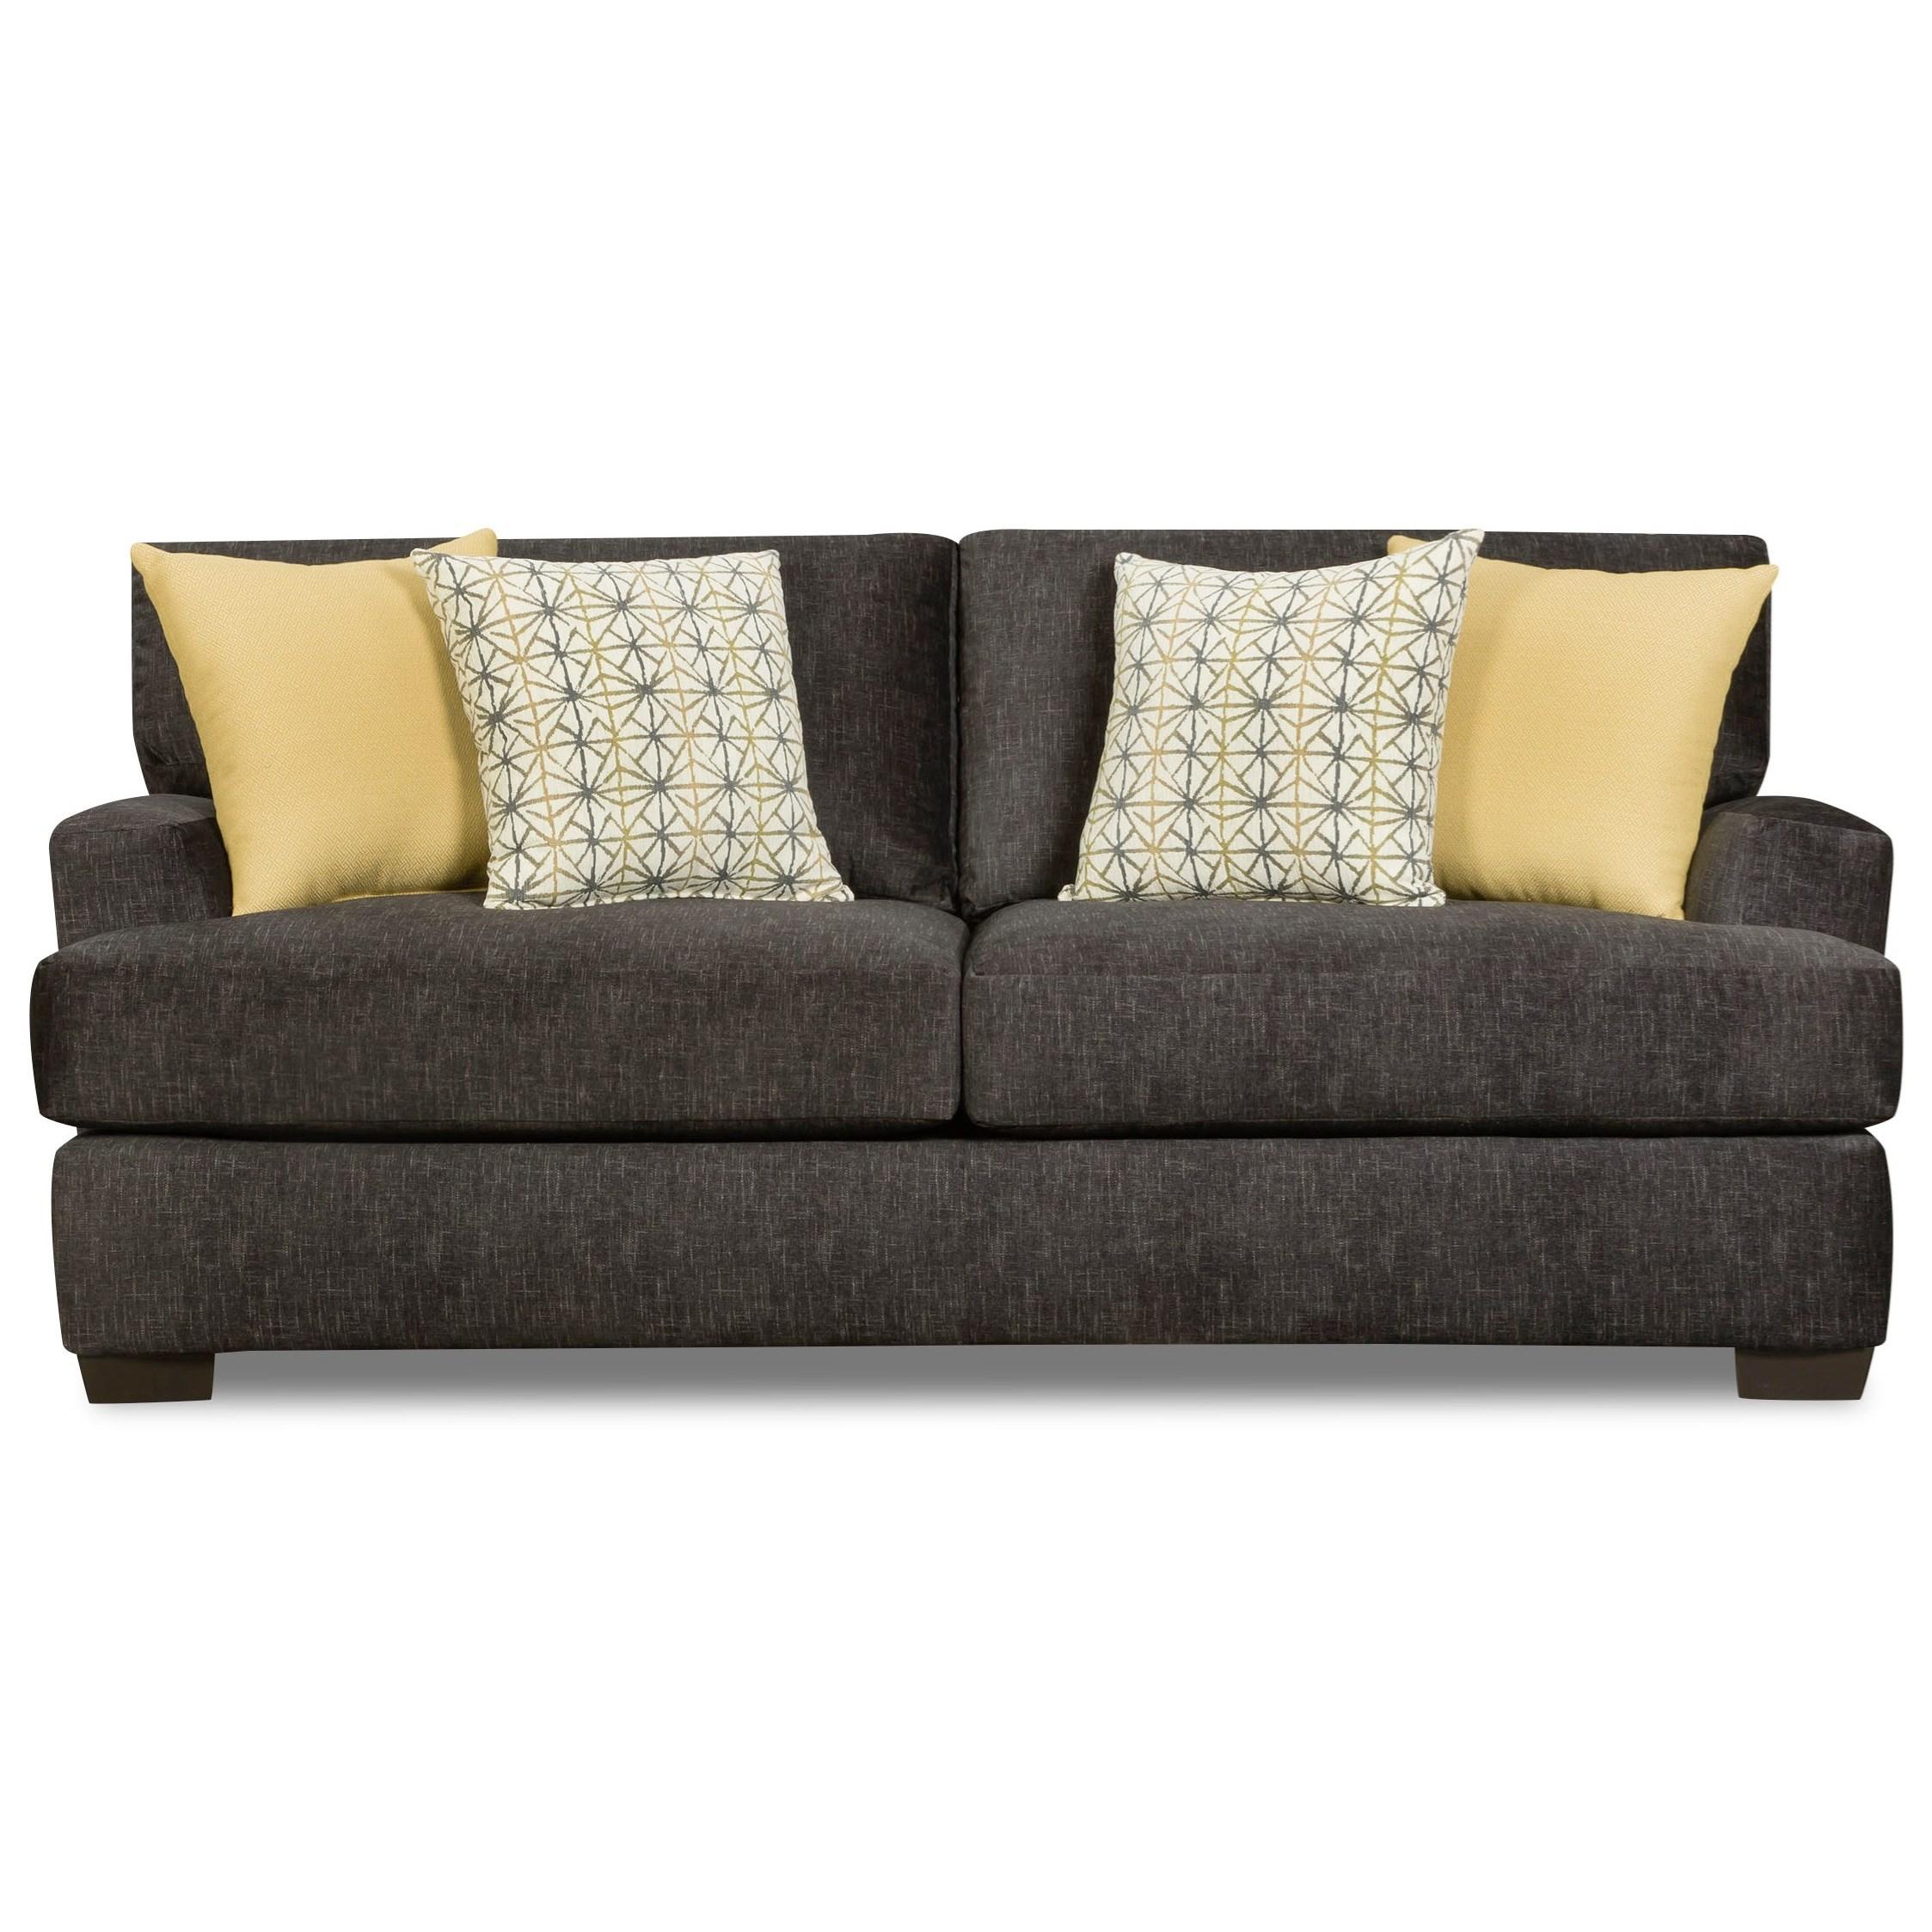 VFM Signature 29C0 Sofa - Item Number: 29C3